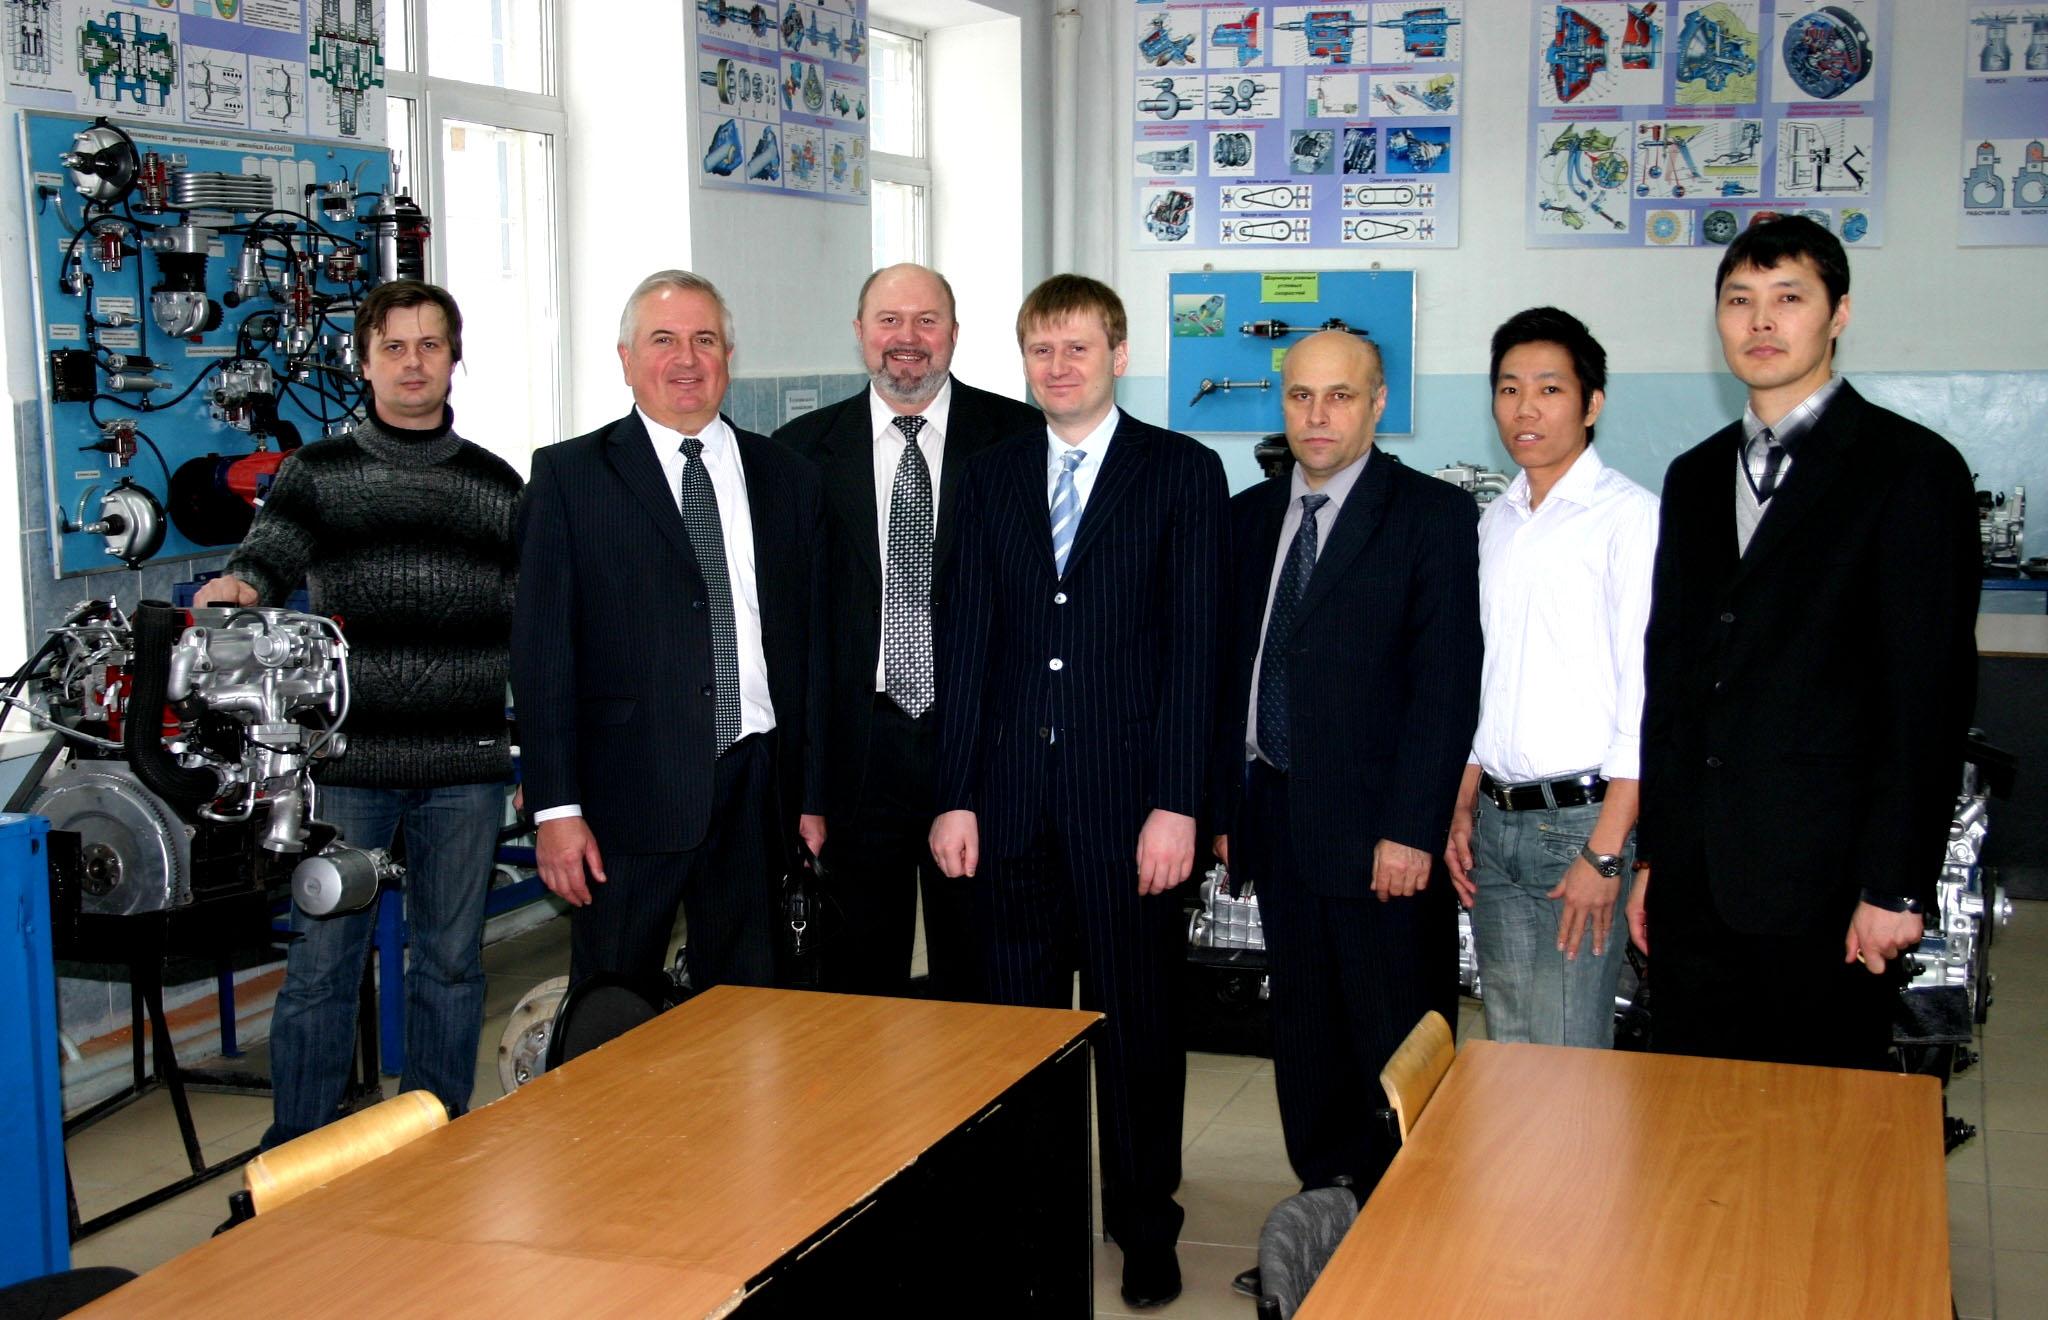 Ректор и проректор МГМУ «МАМИ» в лаборатории кафедры «Автомобильный транспорт»